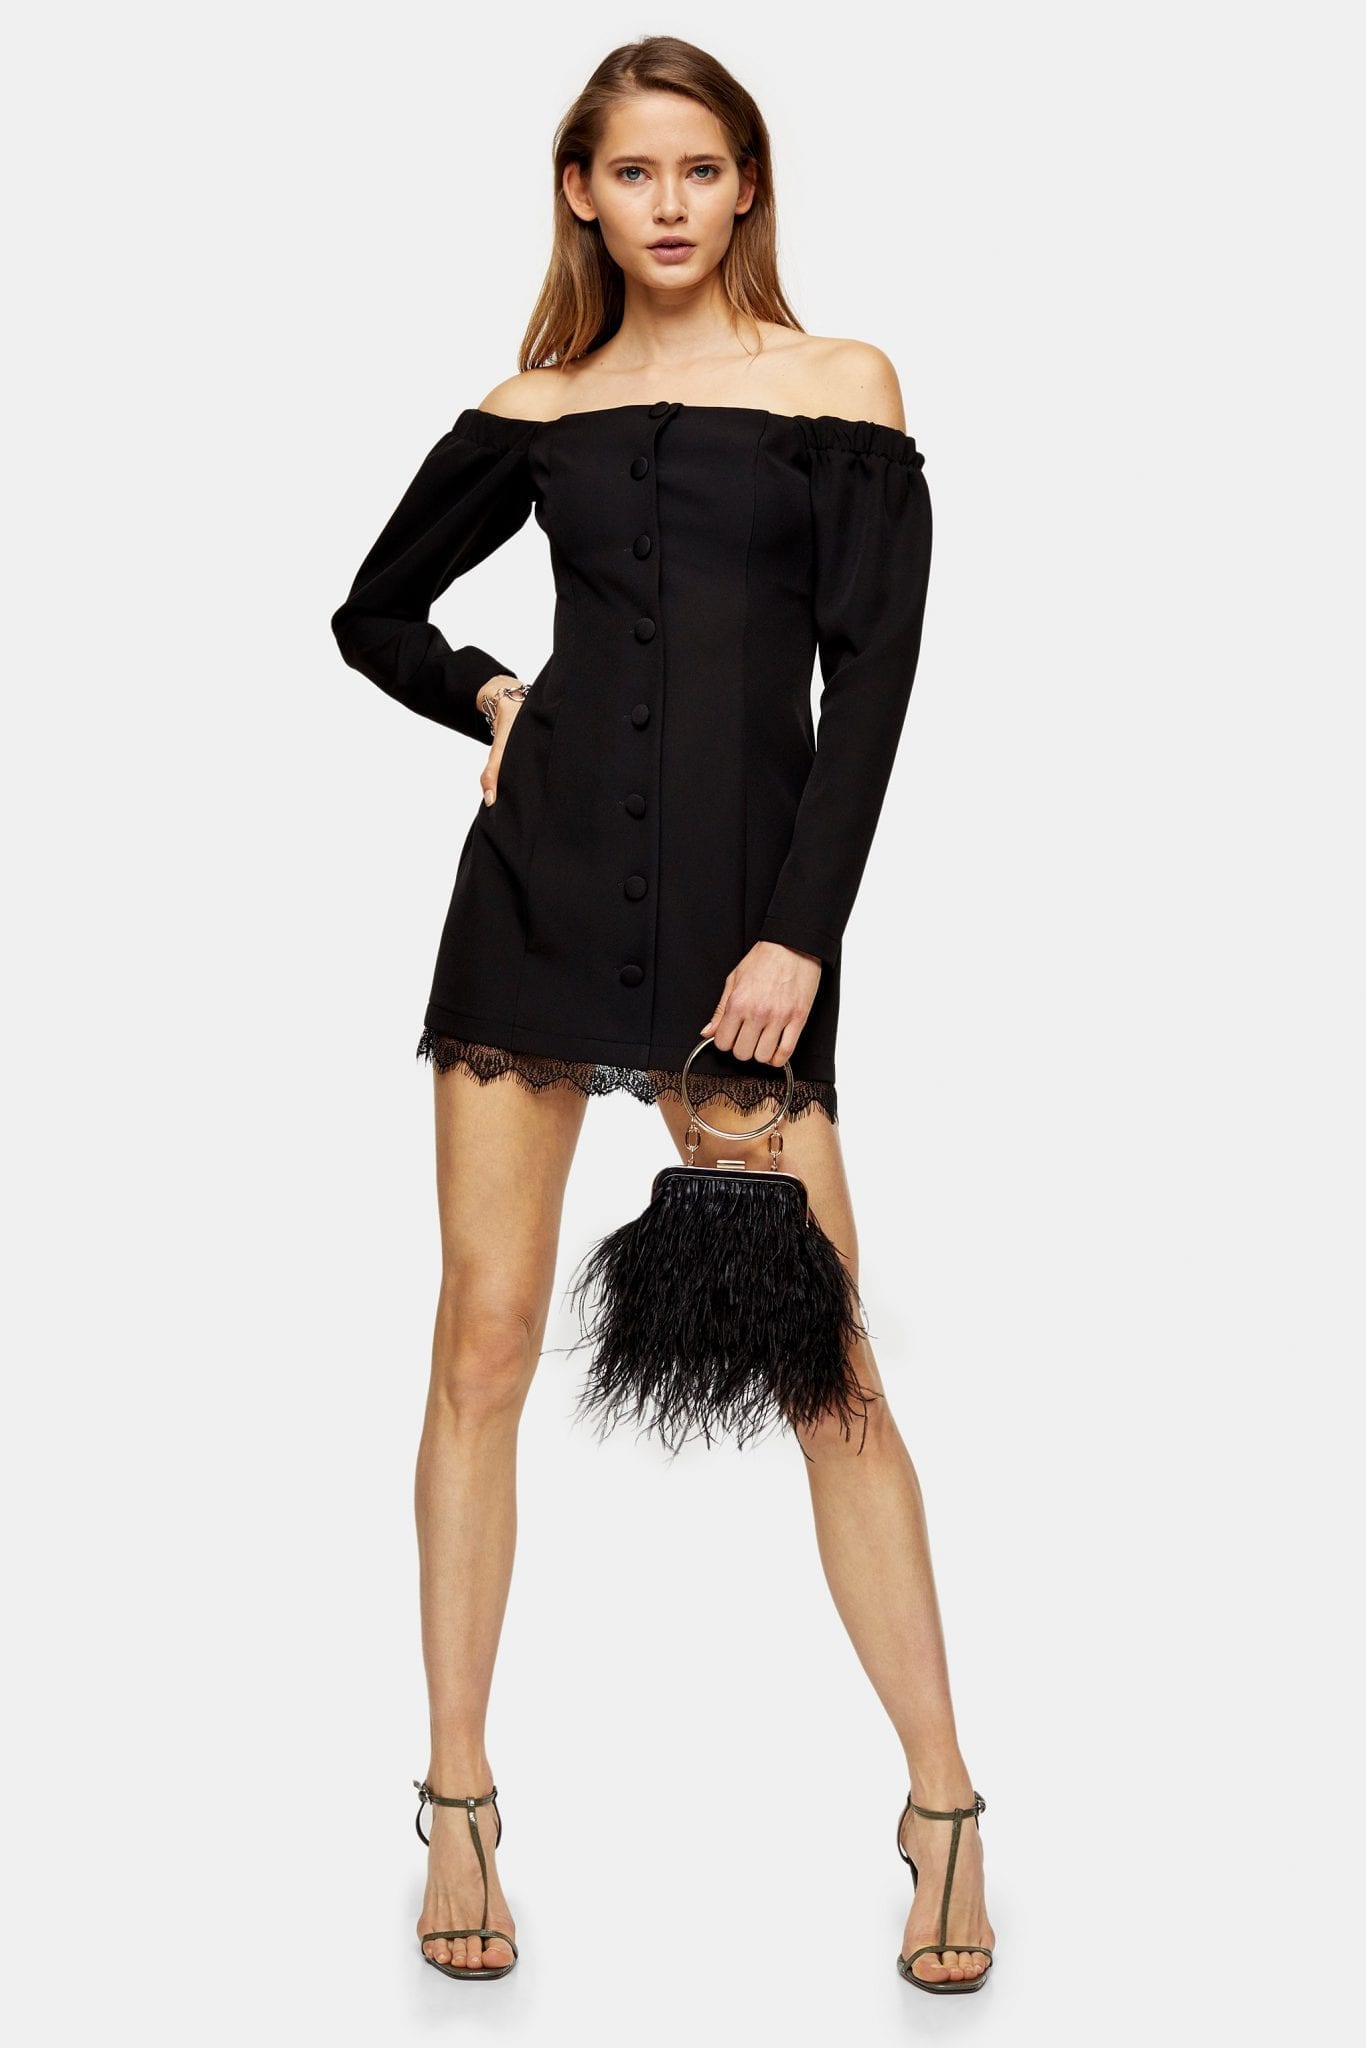 TOPSHOP Black Lace Bardot Mini Dress